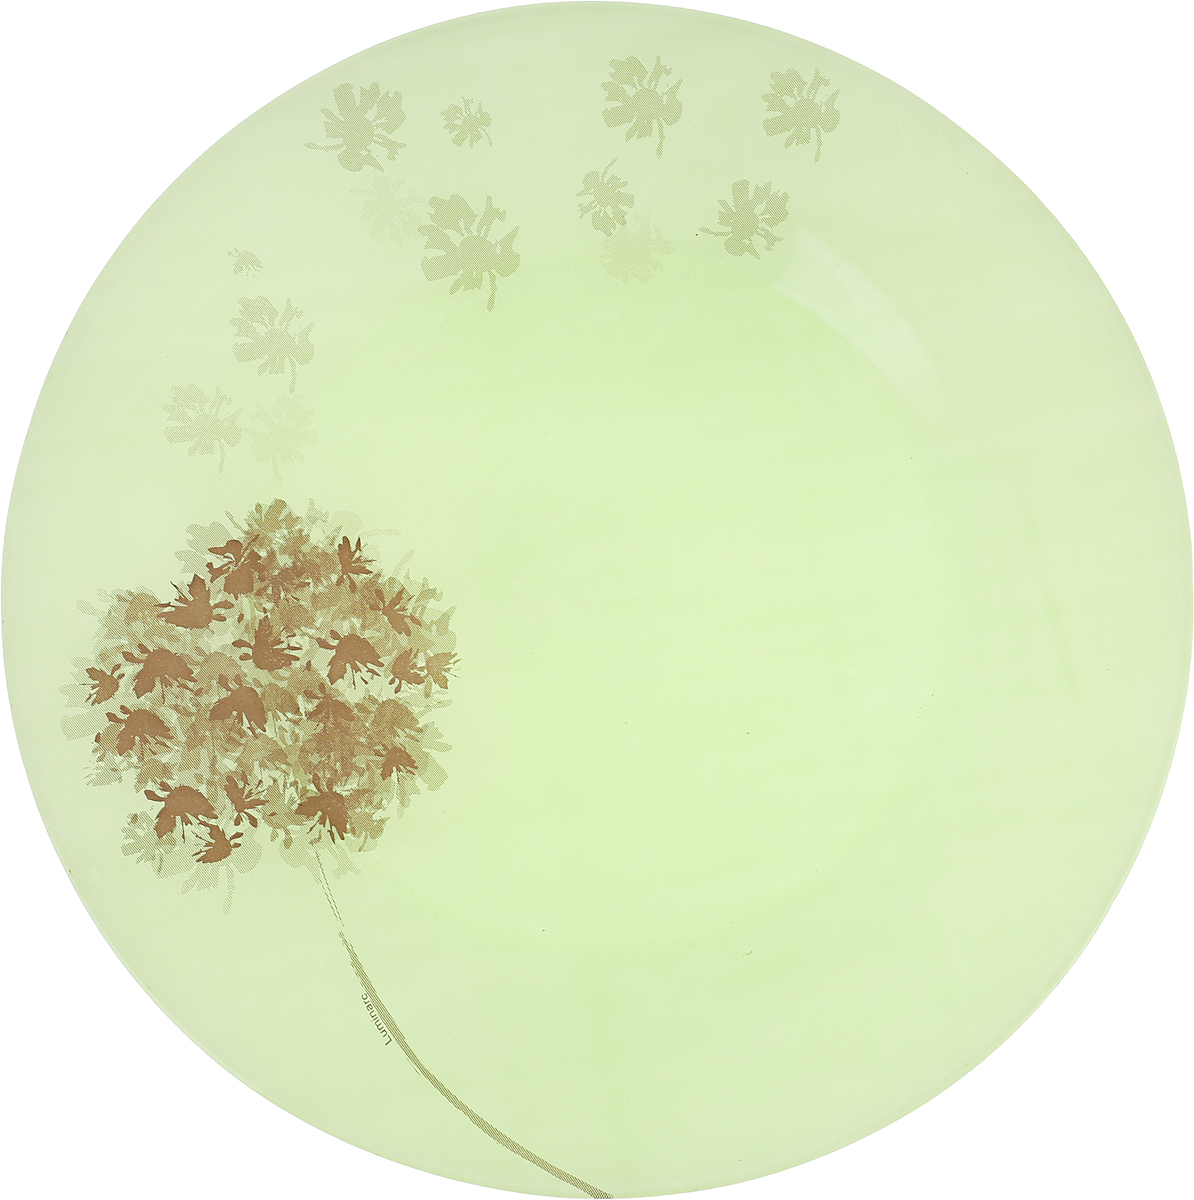 Тарелка обеденная Luminarc Stella Amande, диаметр 25 смJ1761Тарелка обеденная из серии Luminarc Stella Amande выполнена из ударопрочного стекла, устойчива к резким перепадам температуры. Сохранит свою яркость и первозданный вид даже после частого использования в посудомоечной машине и СВЧ. Тарелка предназначена для сервировки вторых блюд из птицы, рыбы, мяса или овощей. Современный дизайн и оригинальный цветочный декор сделают тарелку достойным украшением вашего стола.